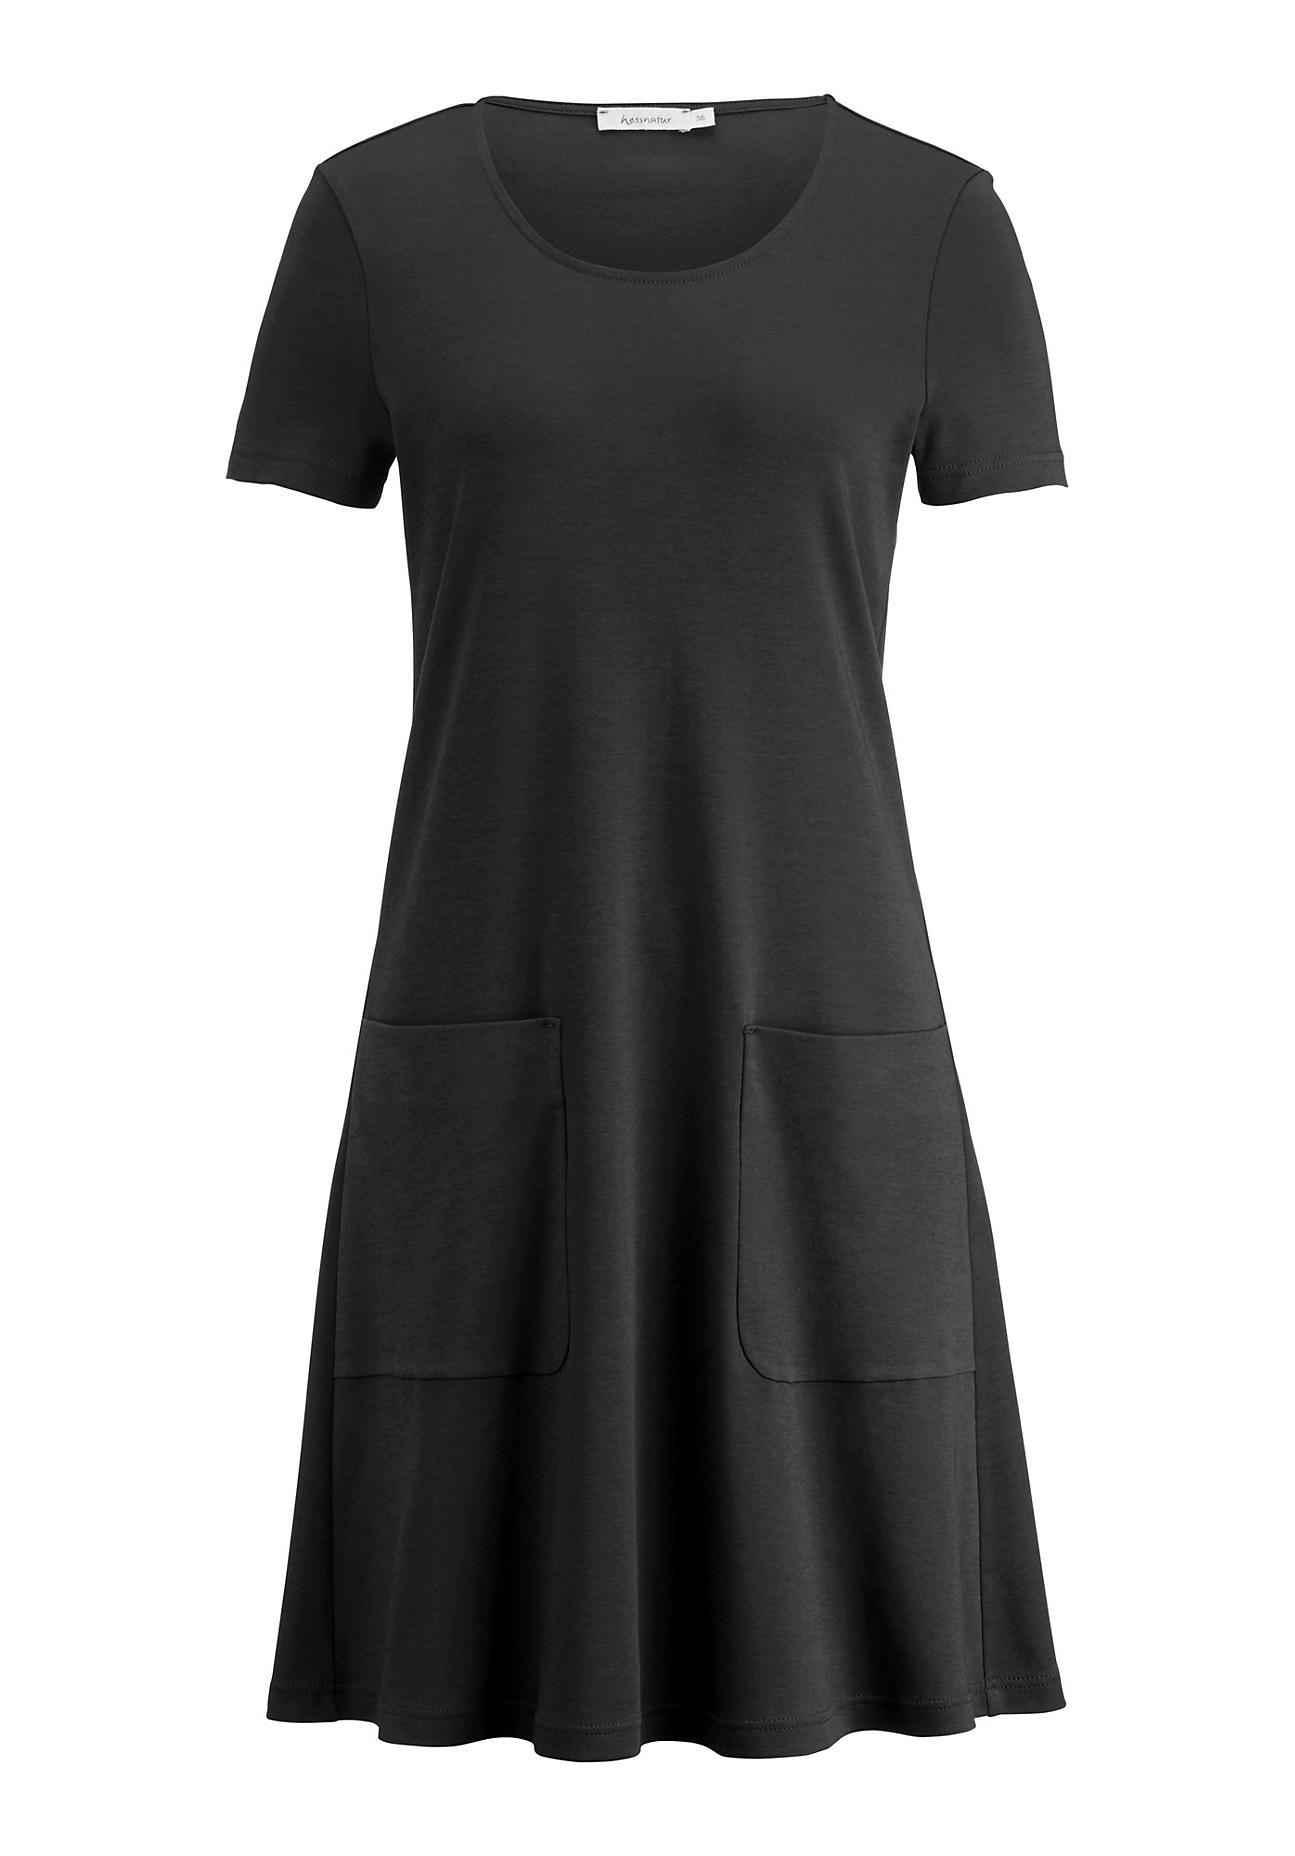 Kleider - hessnatur Damen Kleid aus Bio Baumwolle – schwarz –  - Onlineshop Hessnatur